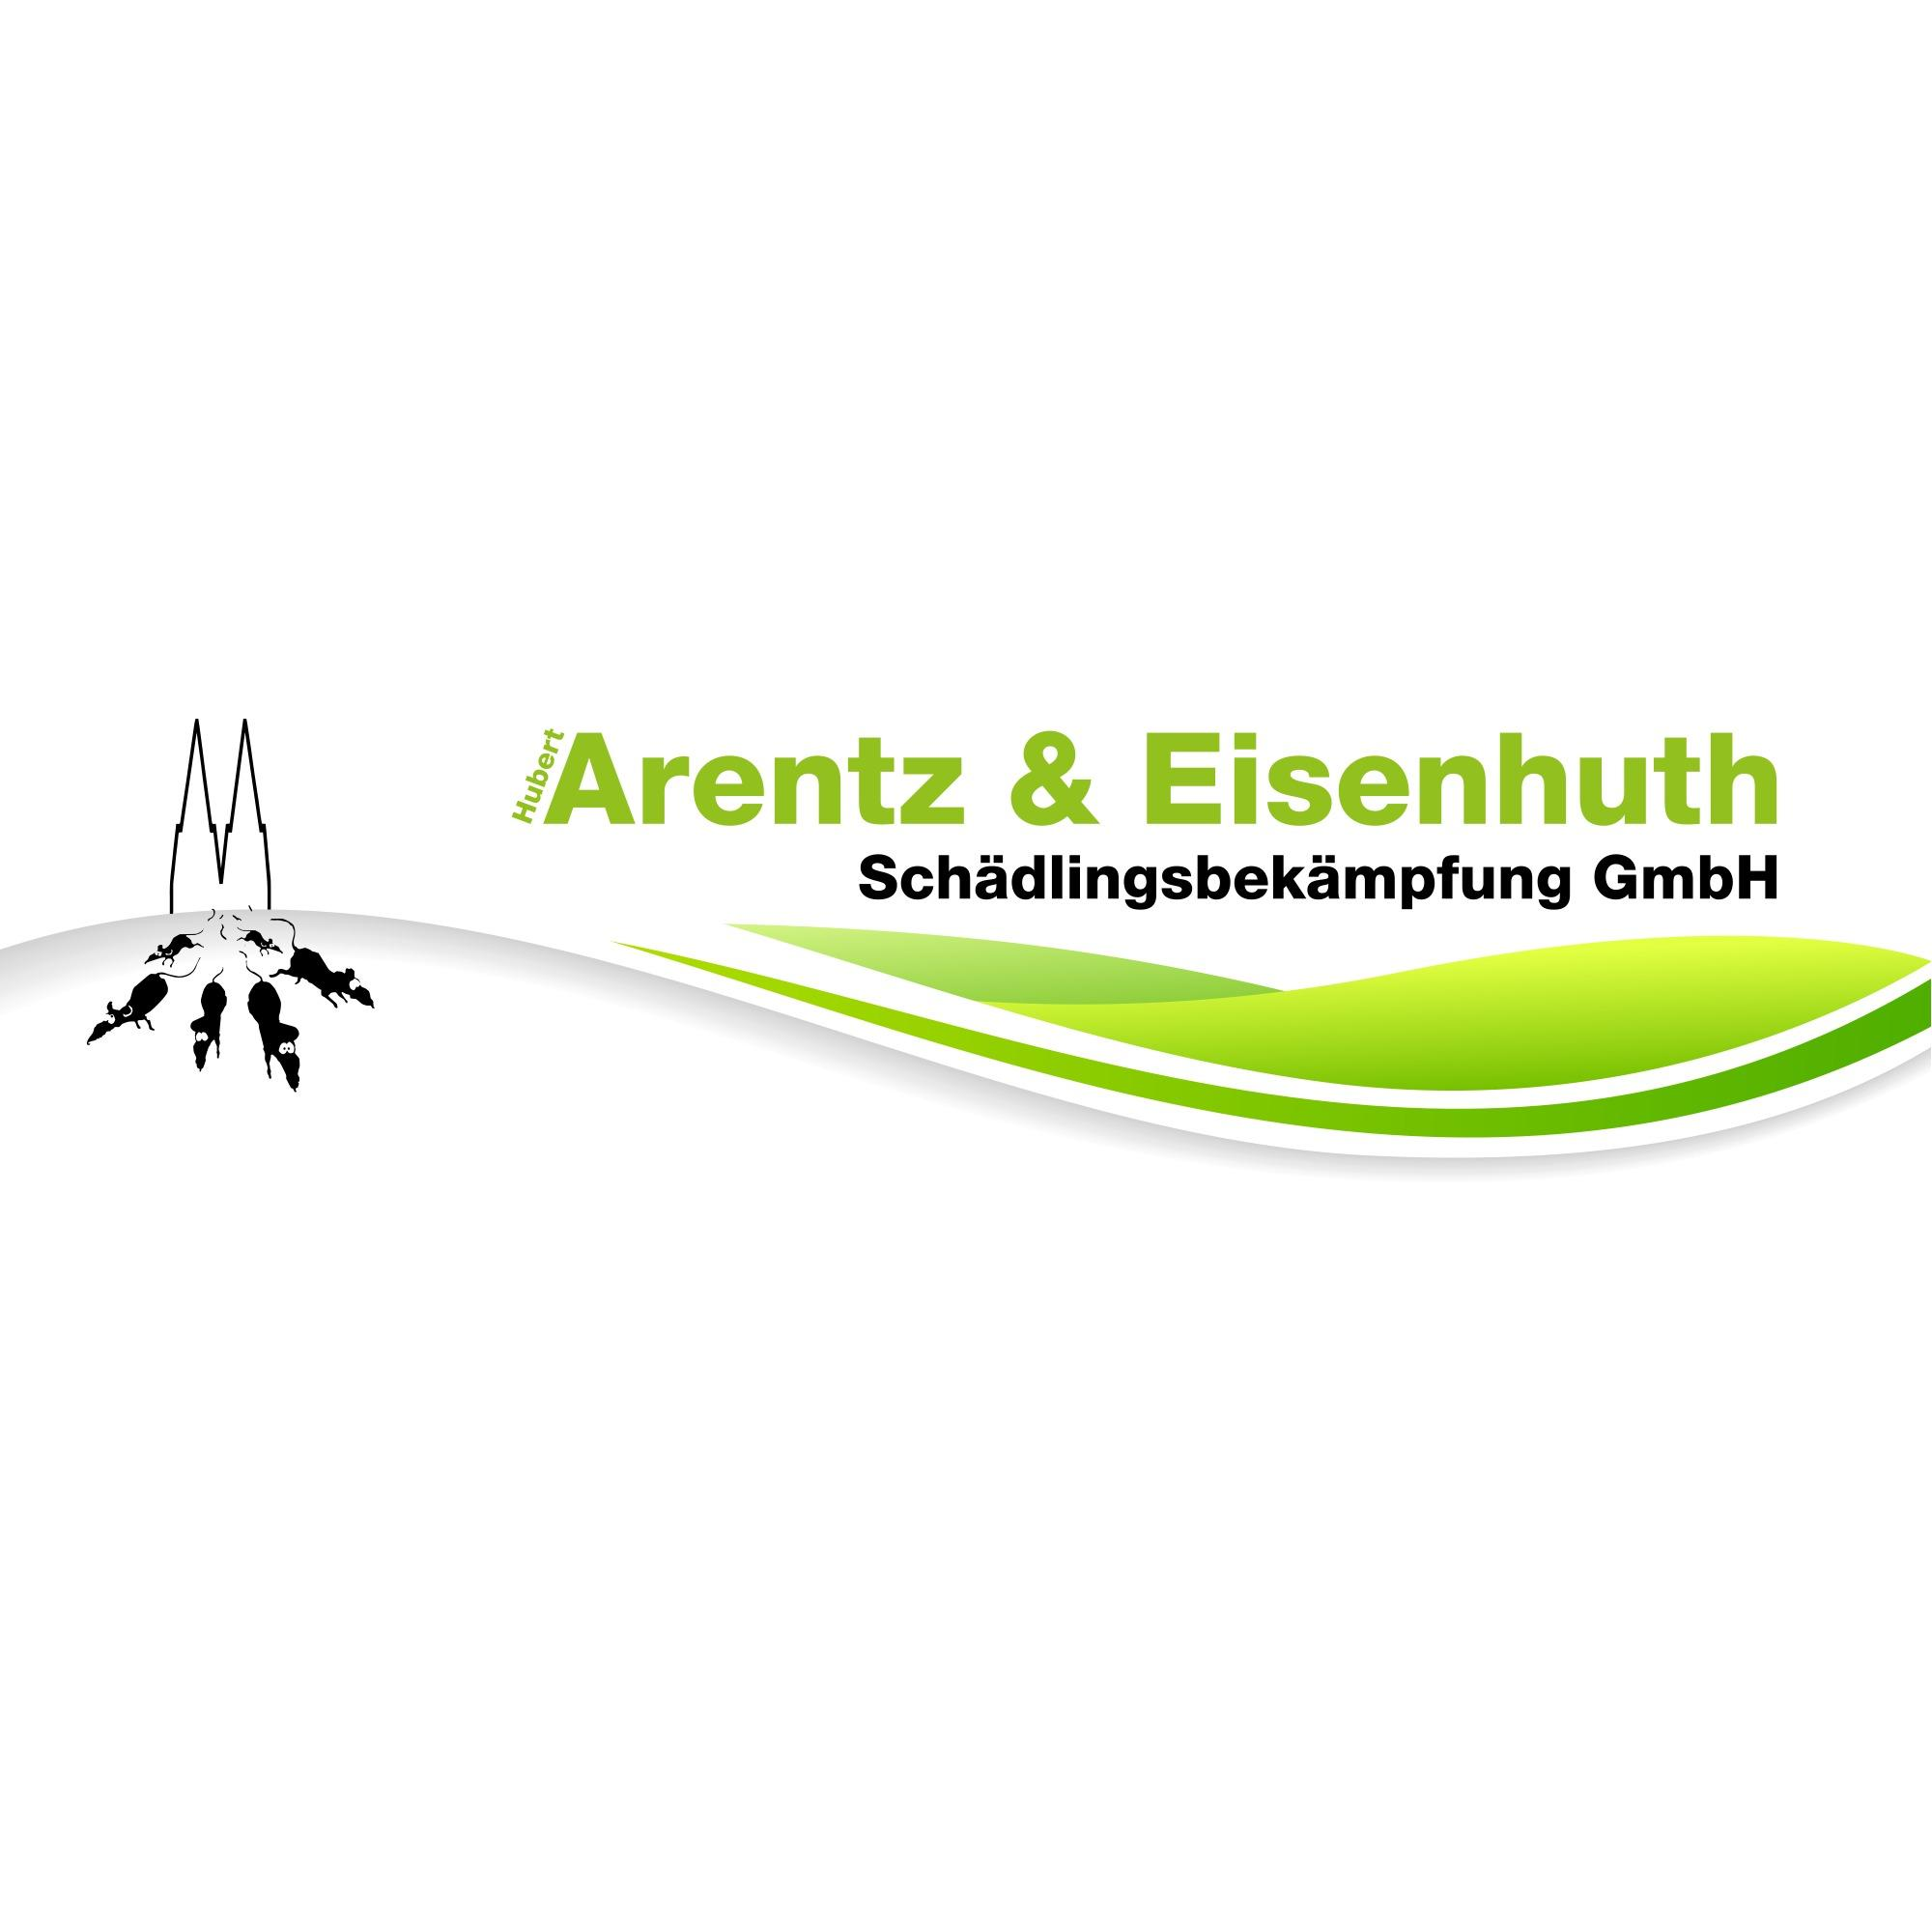 Bild zu Arentz & Eisenhuth Schädlingsbekämpfung GmbH Köln in Pulheim